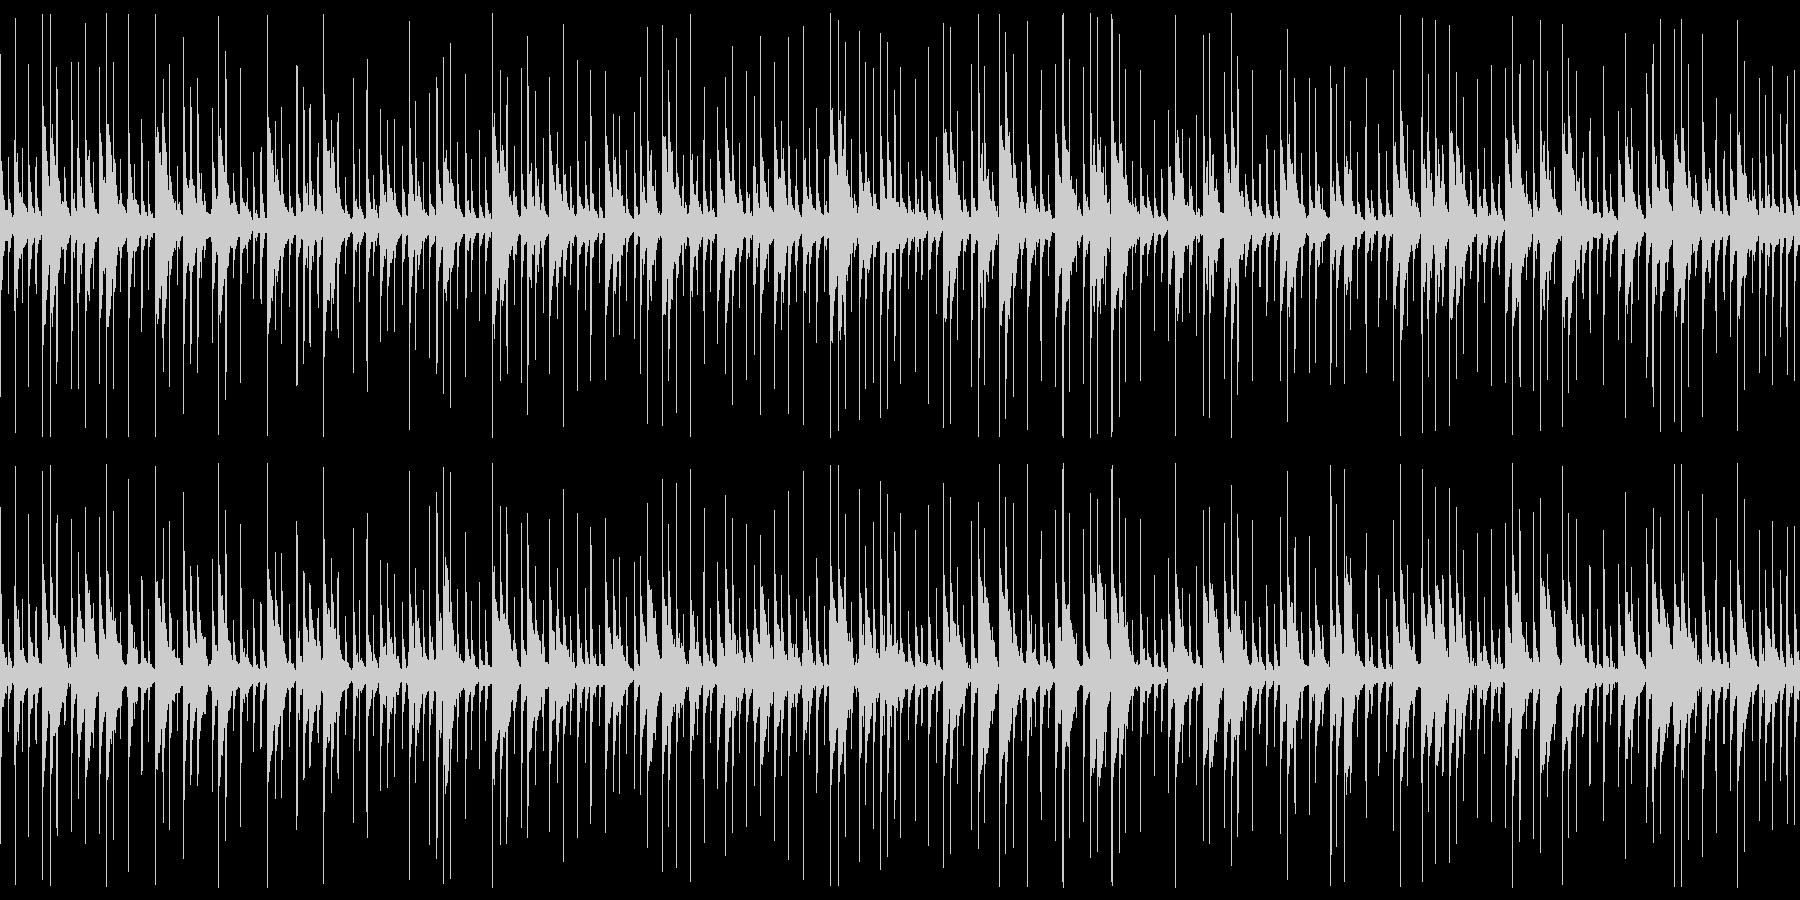 キューバパーカッションの未再生の波形